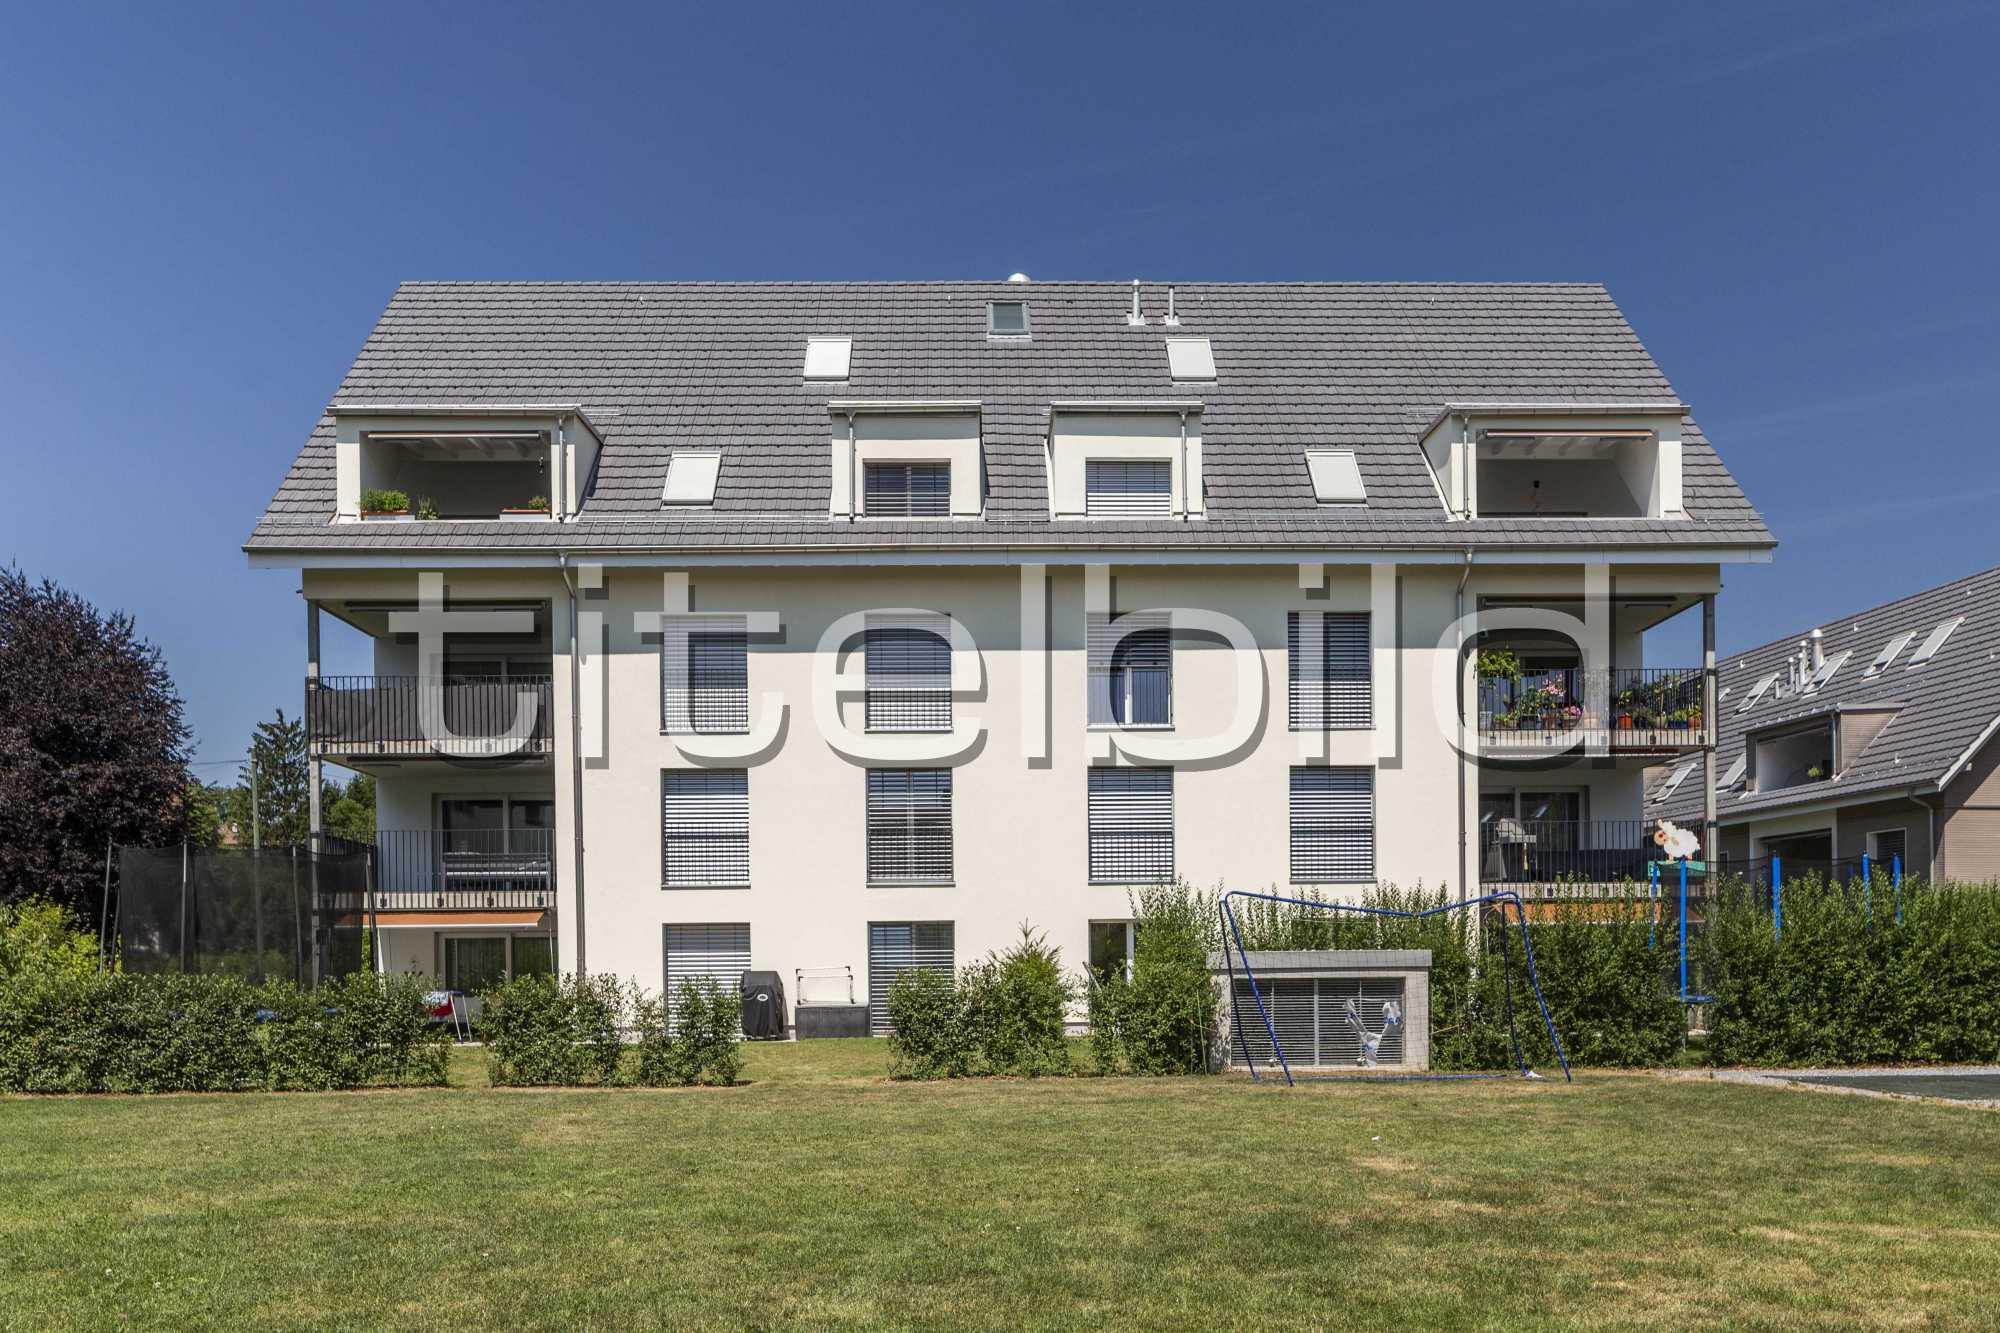 Projektbild-Nr. 1: Wohnen im Dorfzentrum Adlerweg